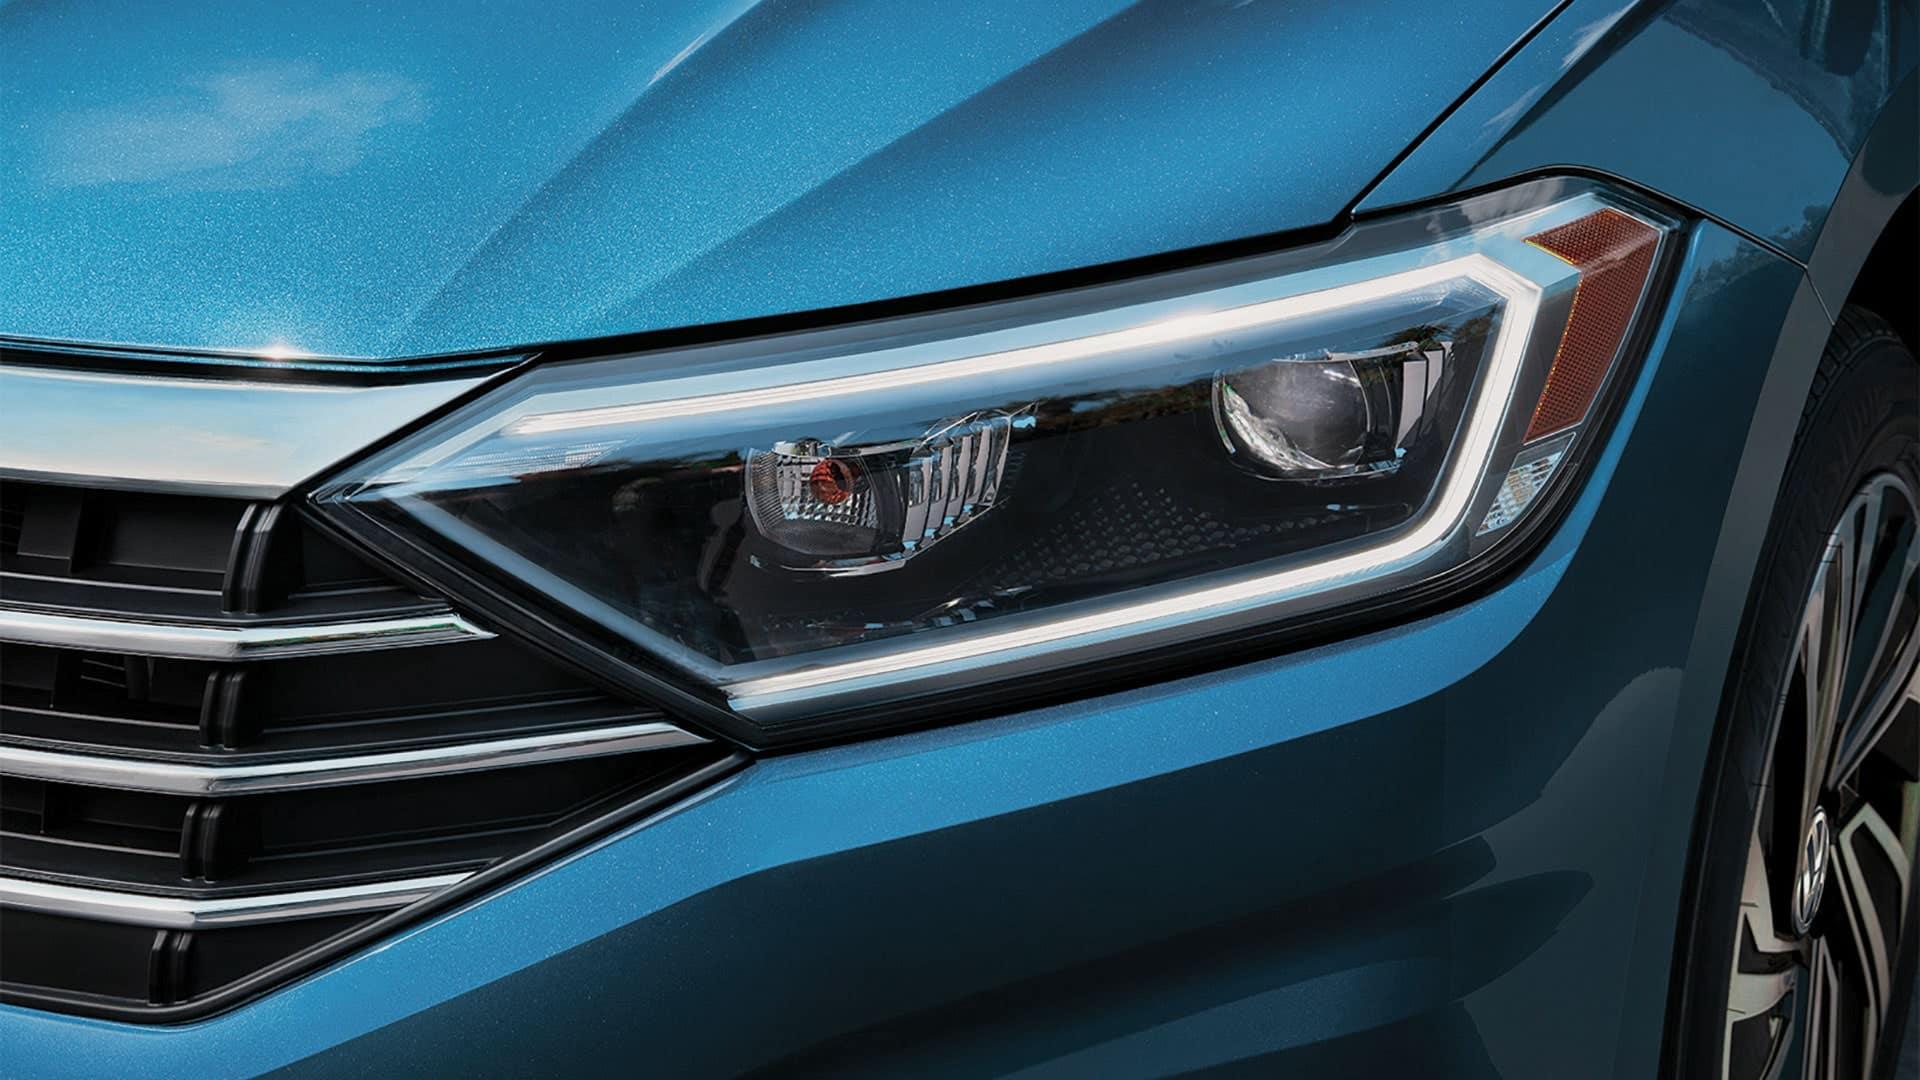 2019 VW Jetta LED headlights